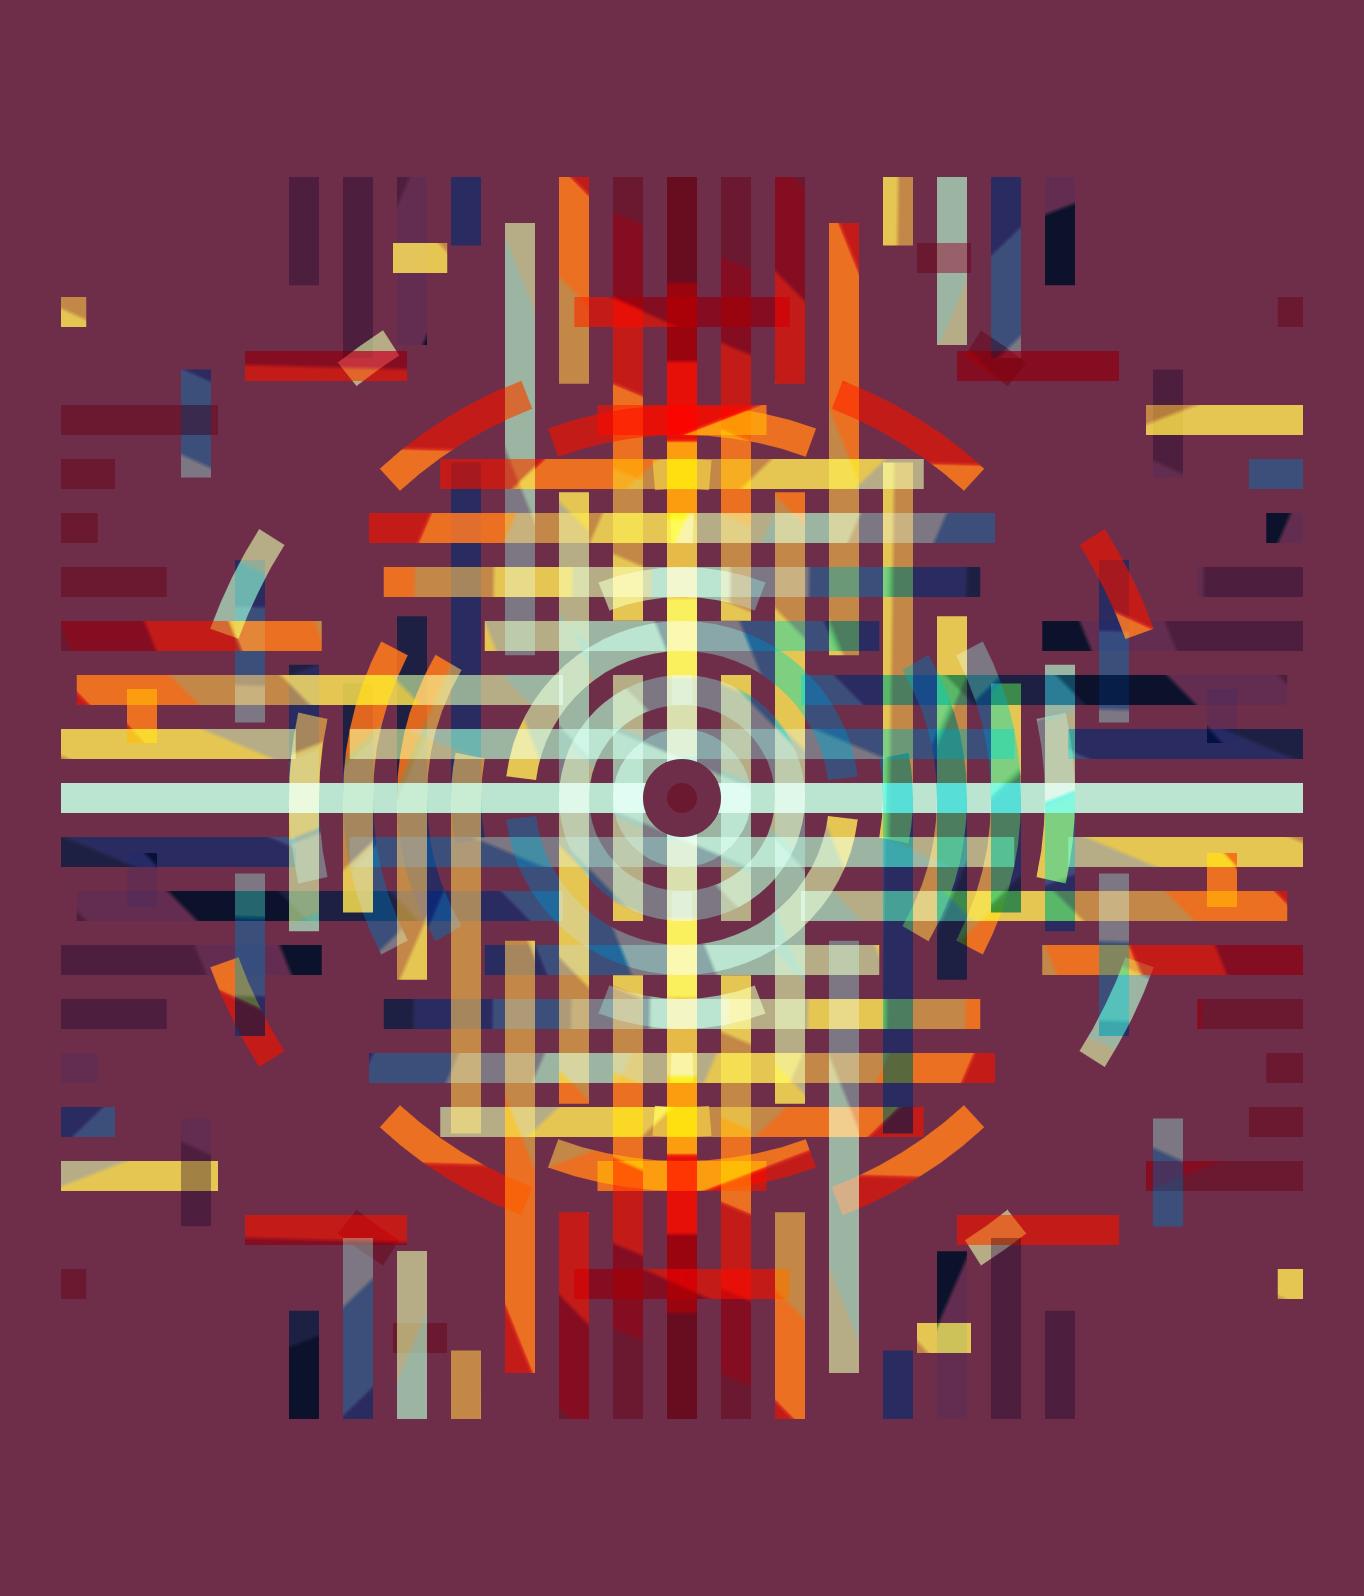 isolation-pixel-static-55